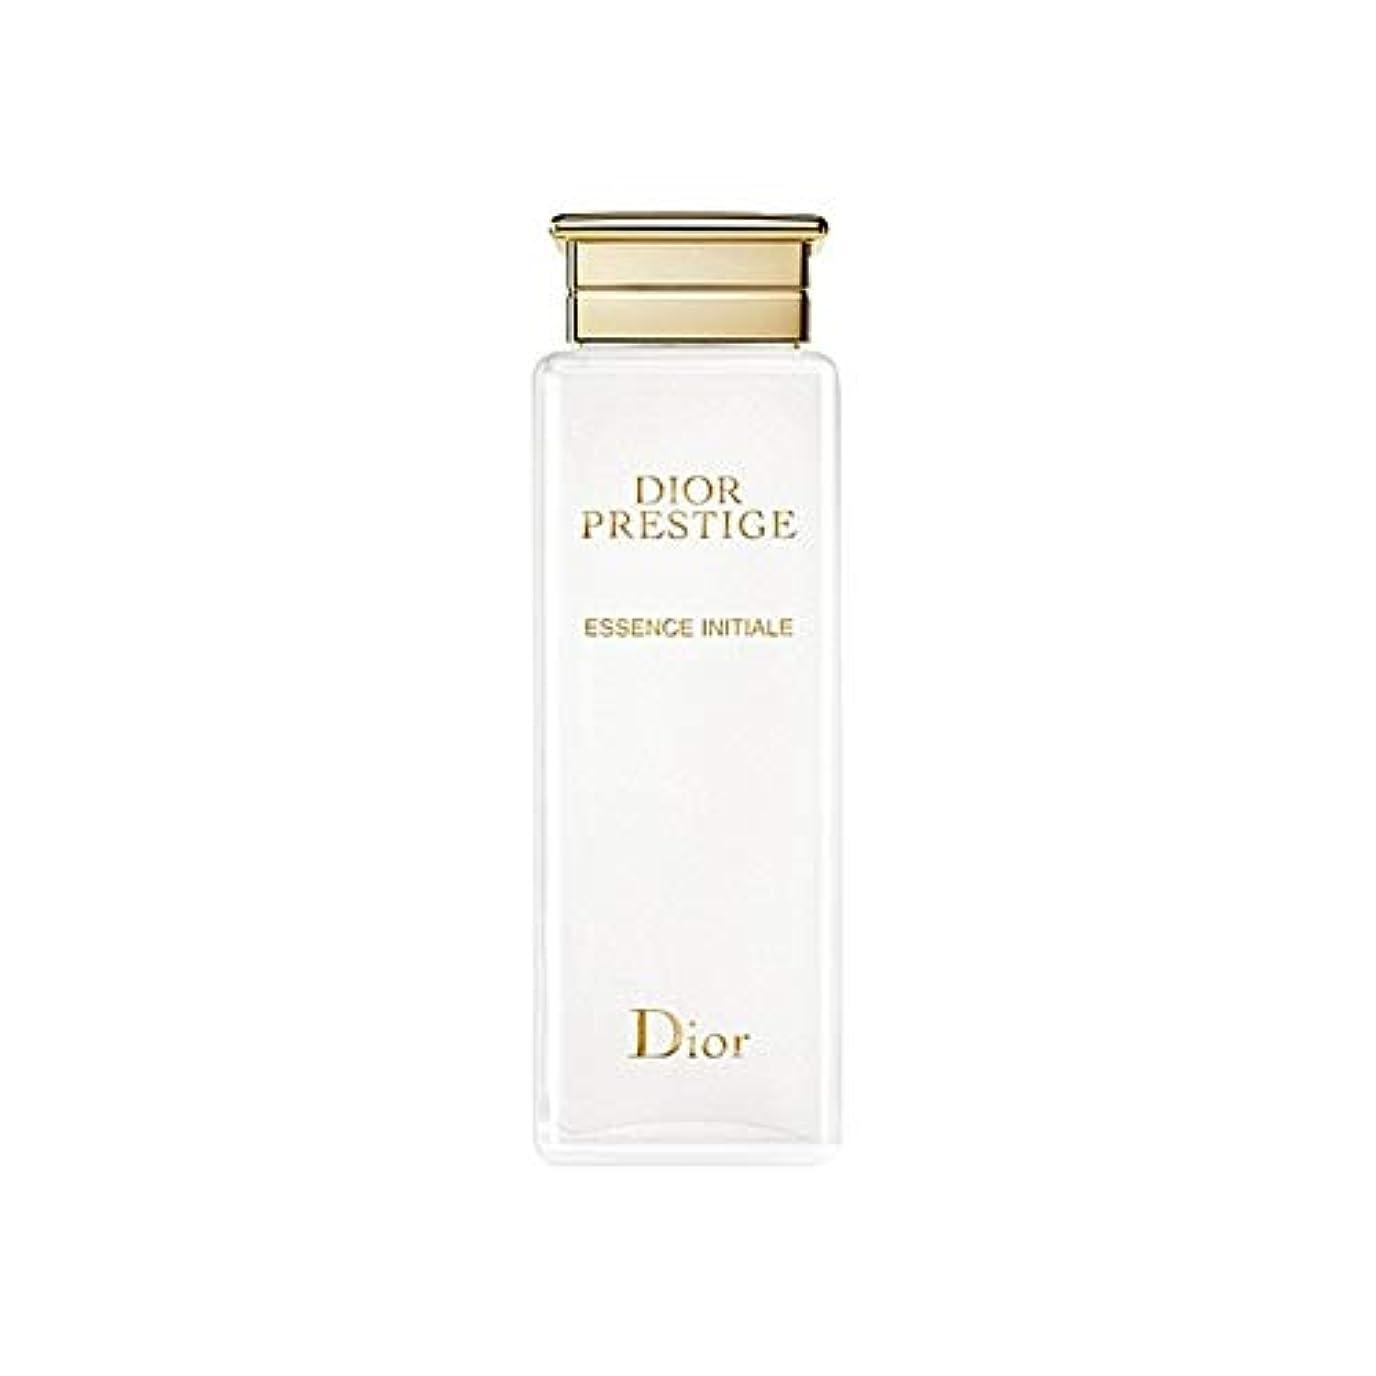 知恵不潔認証[Dior] 血清200ミリリットルイニシャルディオールプレステージエッセンス - Dior Prestige Essence Initiale Serum 200ml [並行輸入品]